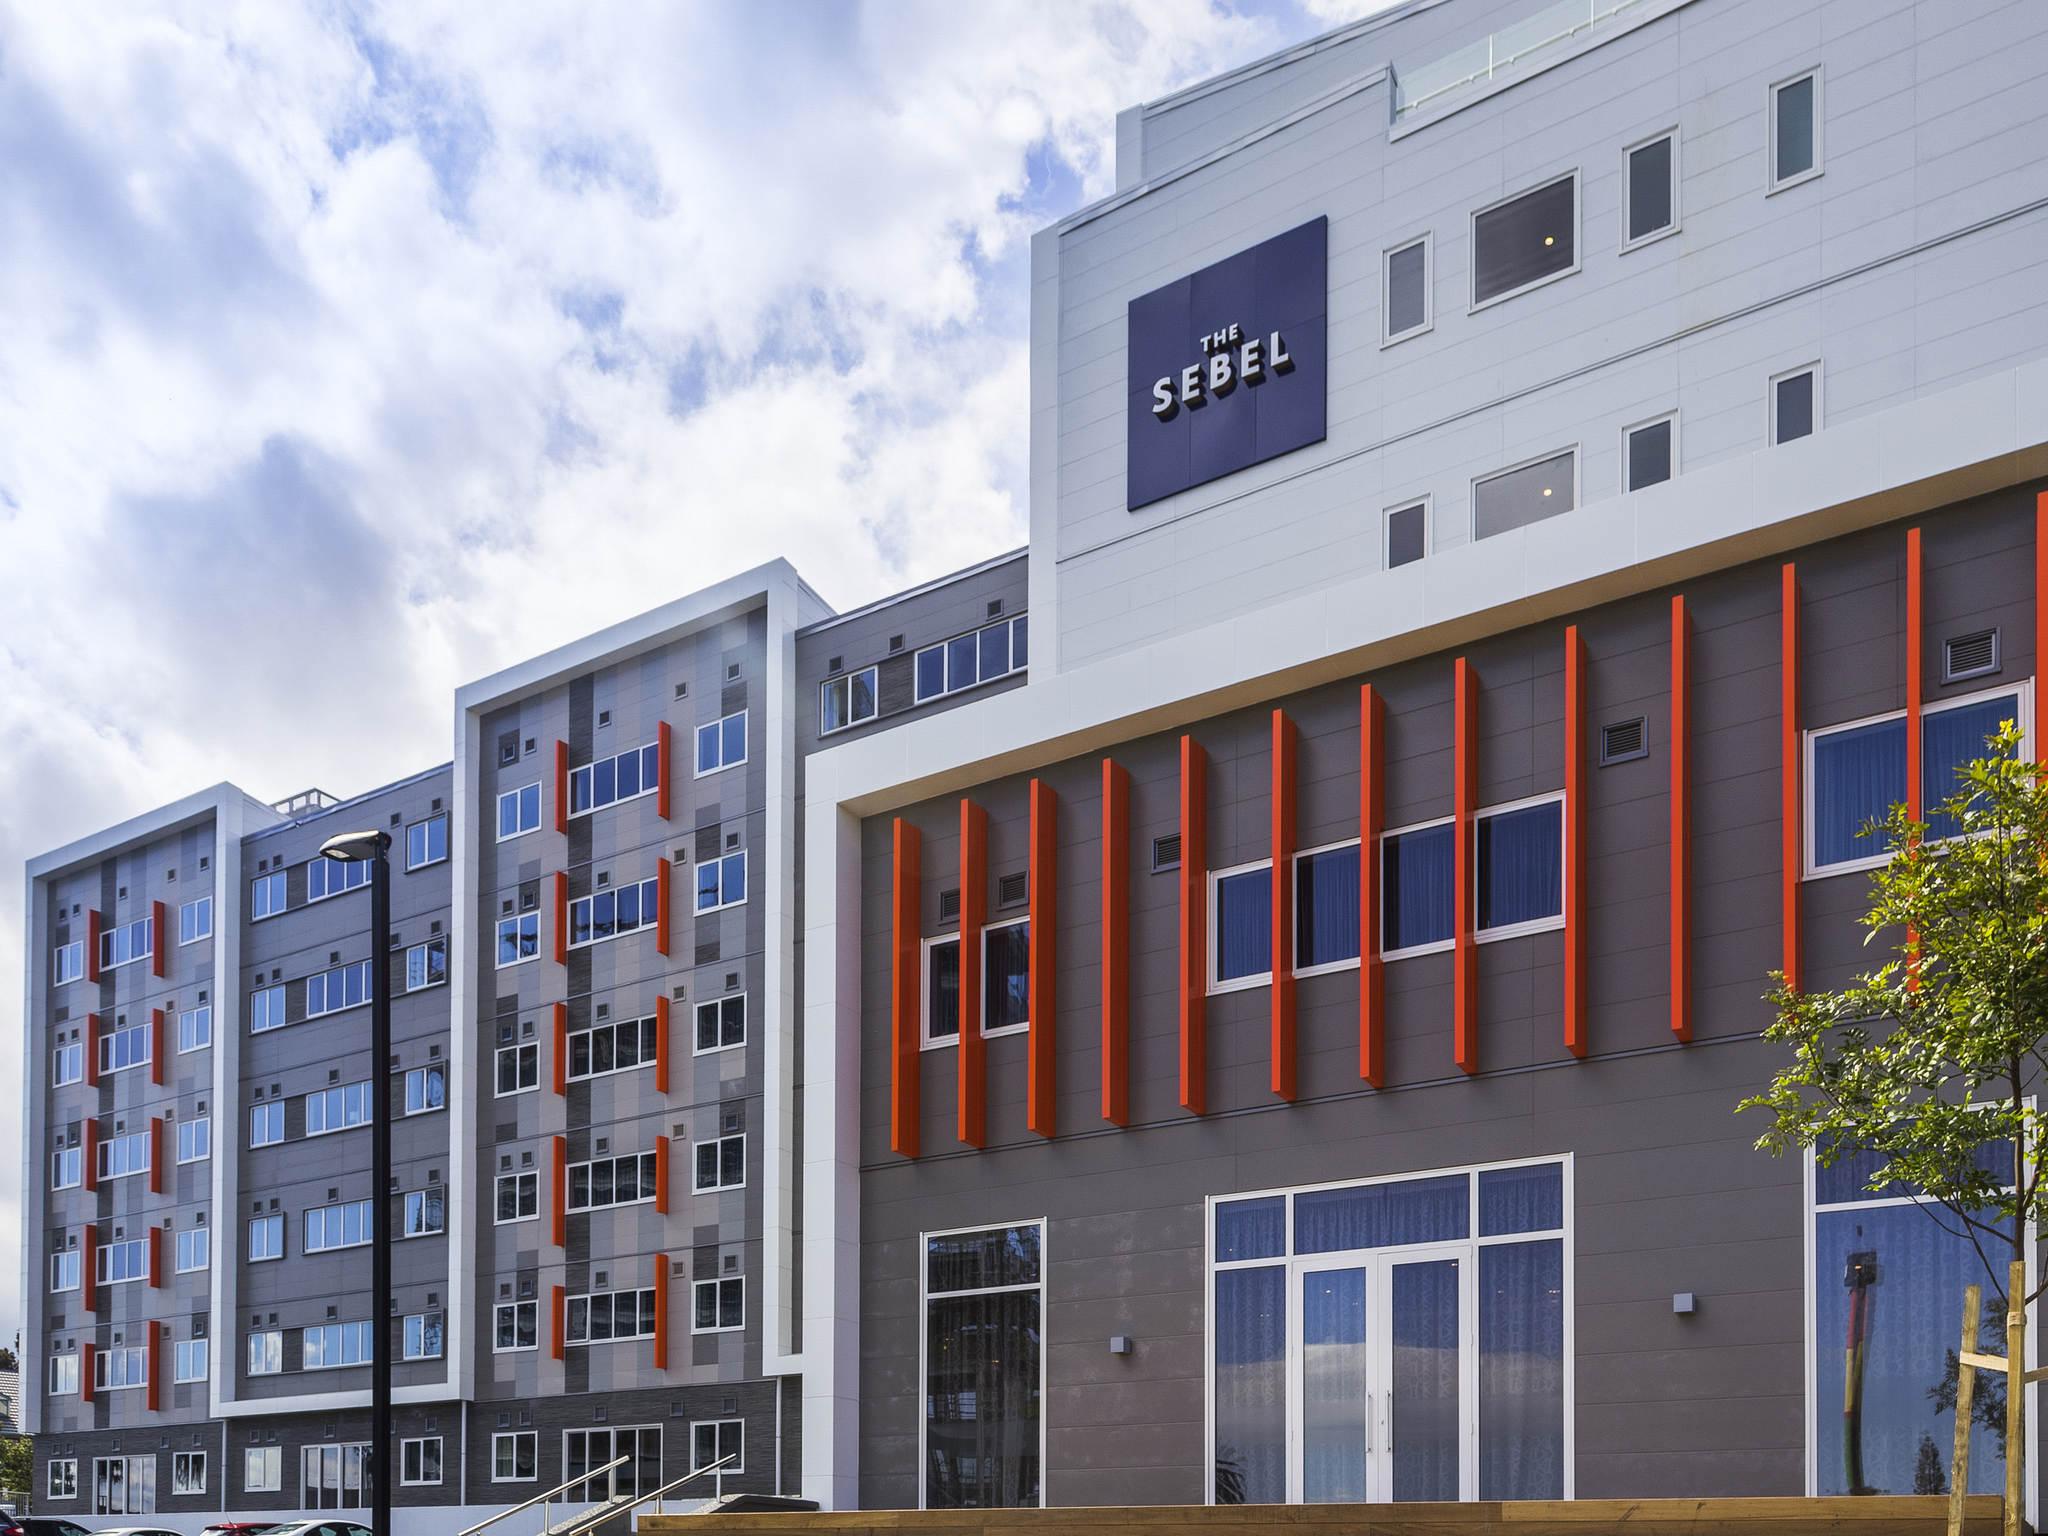 โรงแรม – เดอะ ซีเบล โอ็คแลนด์ มานูกัว